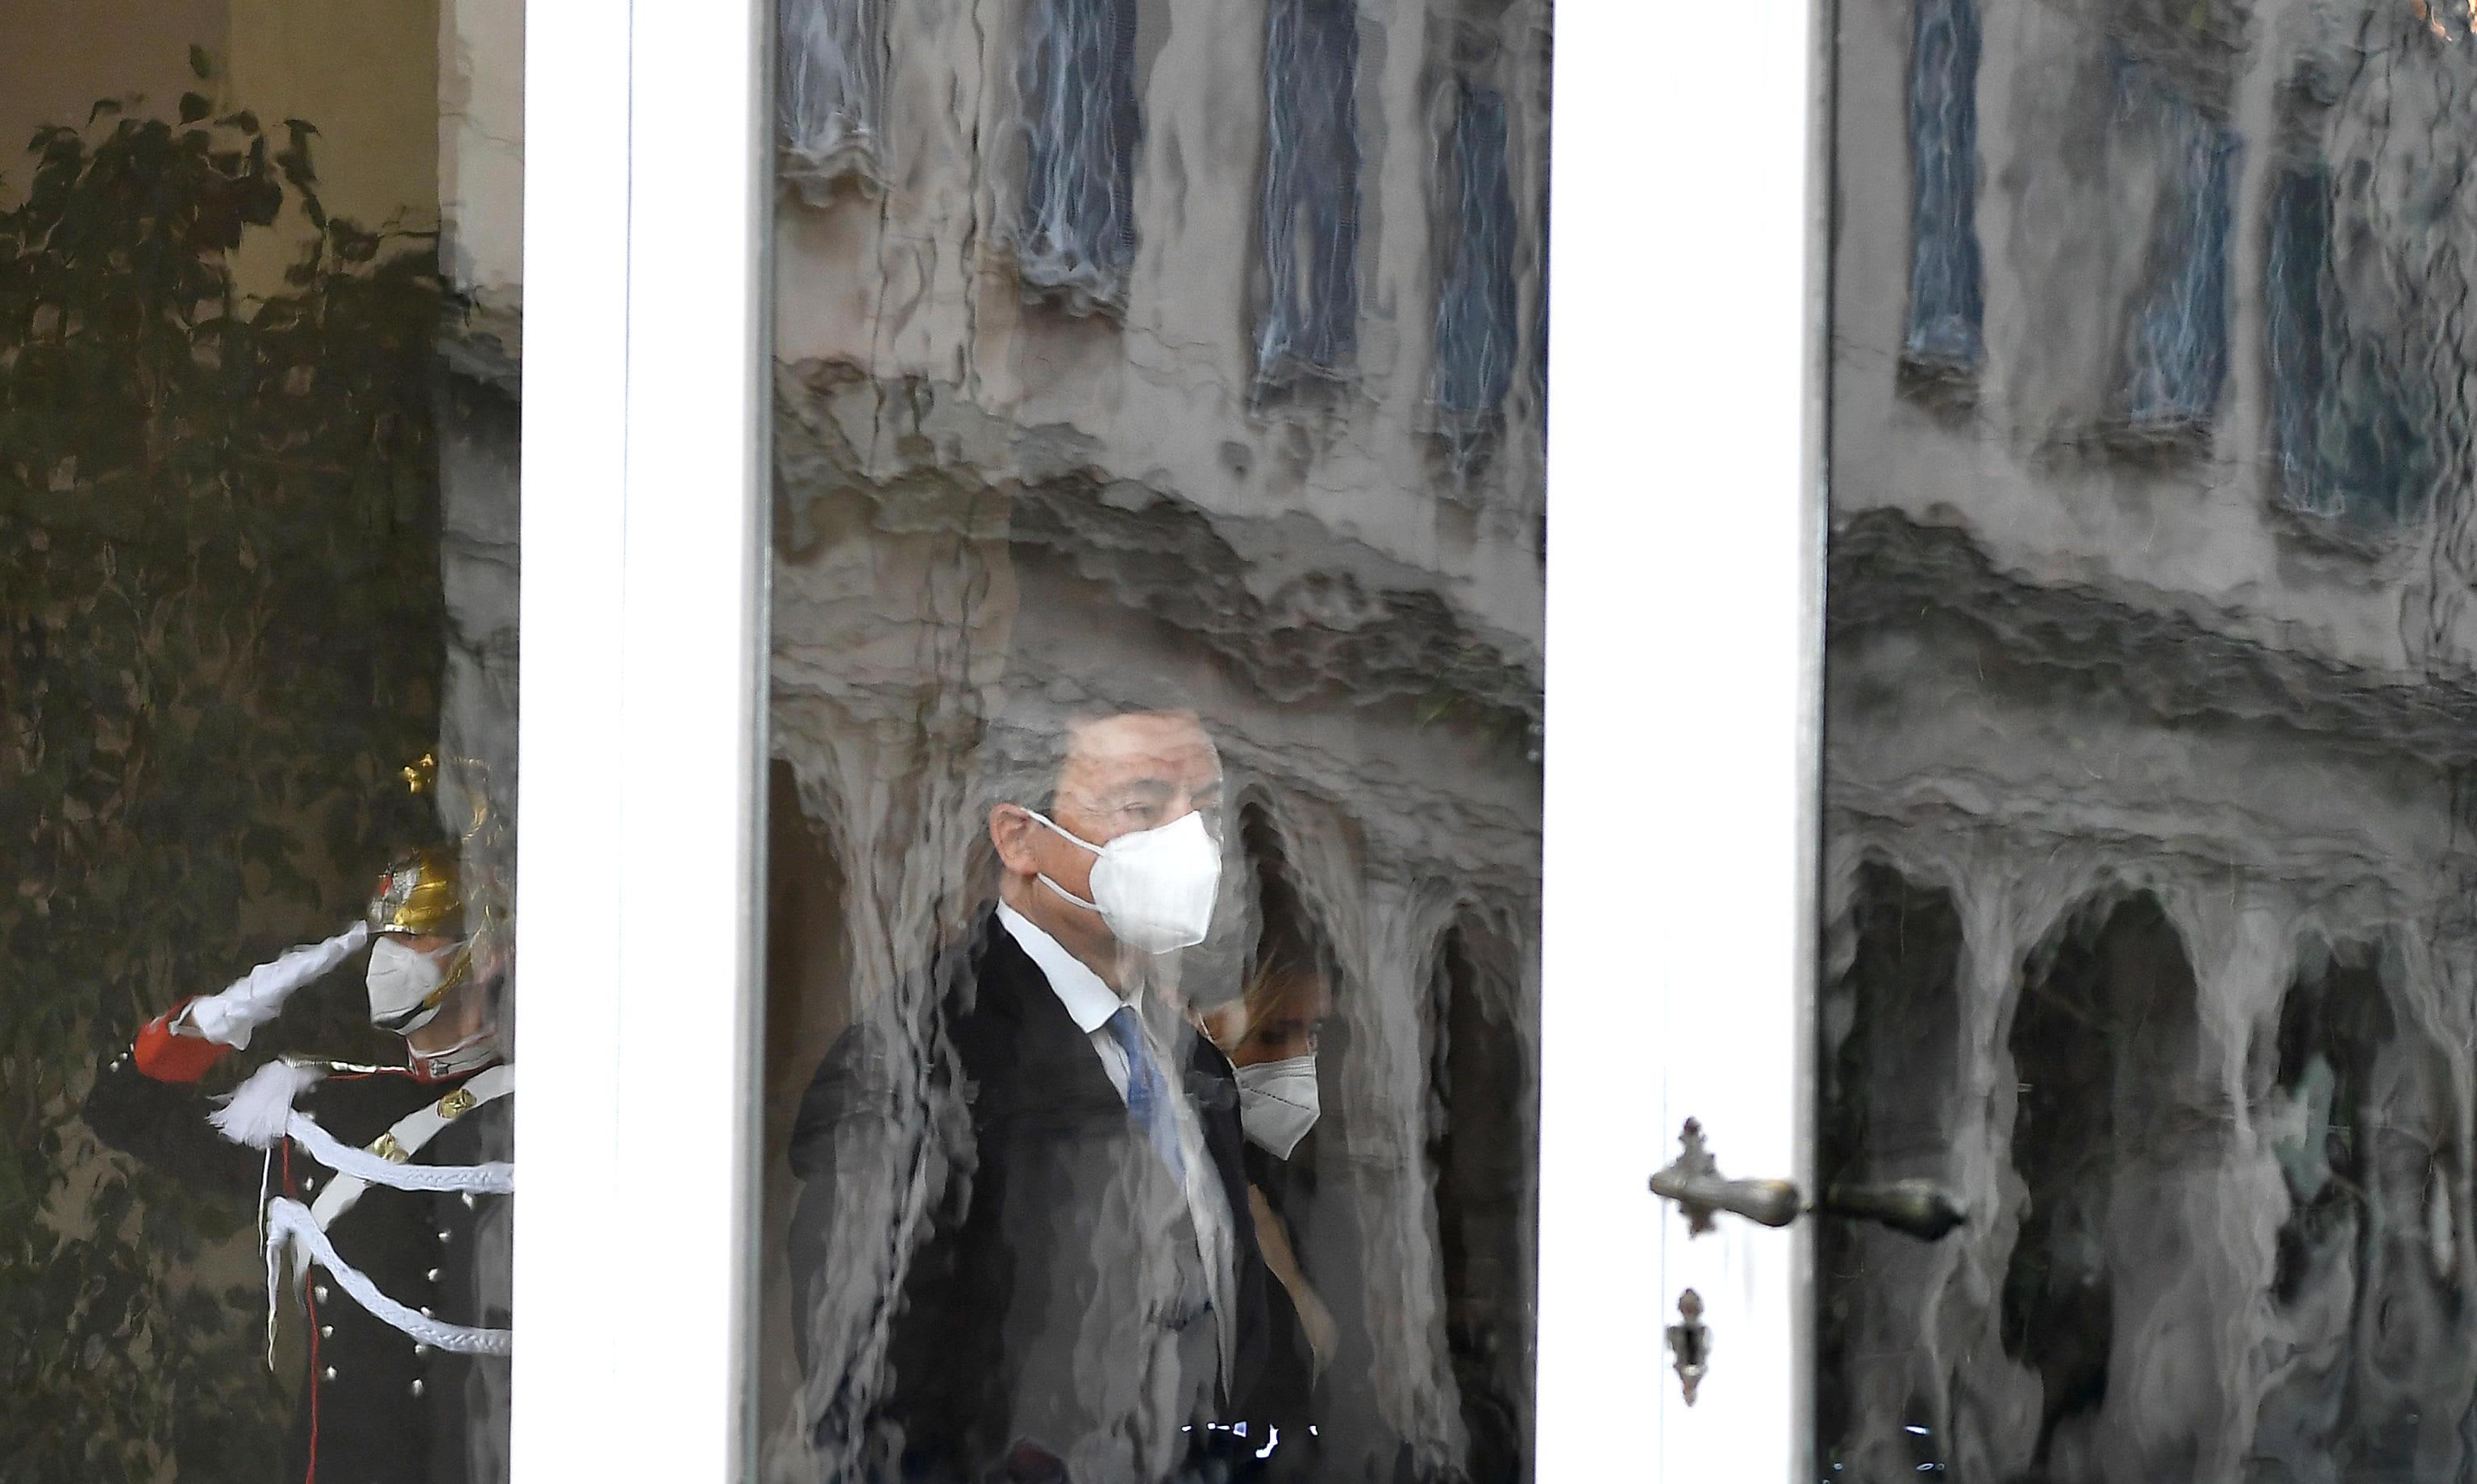 Mario Draghi ikkunalasin takana hengityssuoja kasvoillaan.